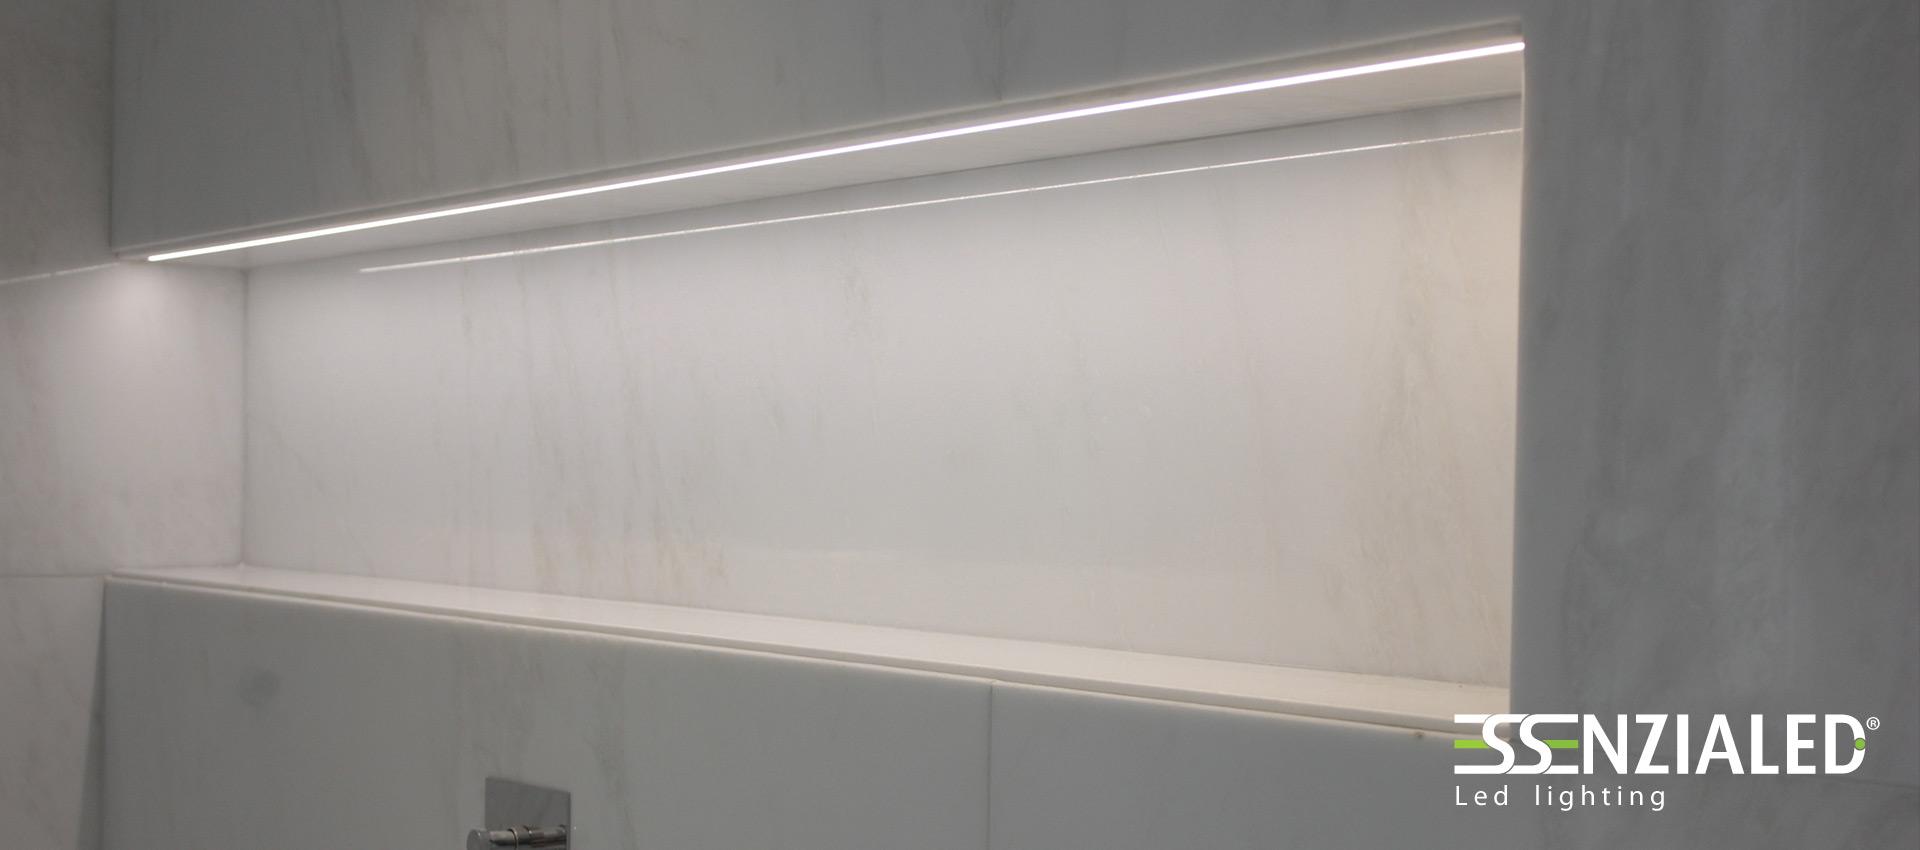 Illuminazione Led Per Ufficio: Illuminazione interna uffici lampade stripe a ...